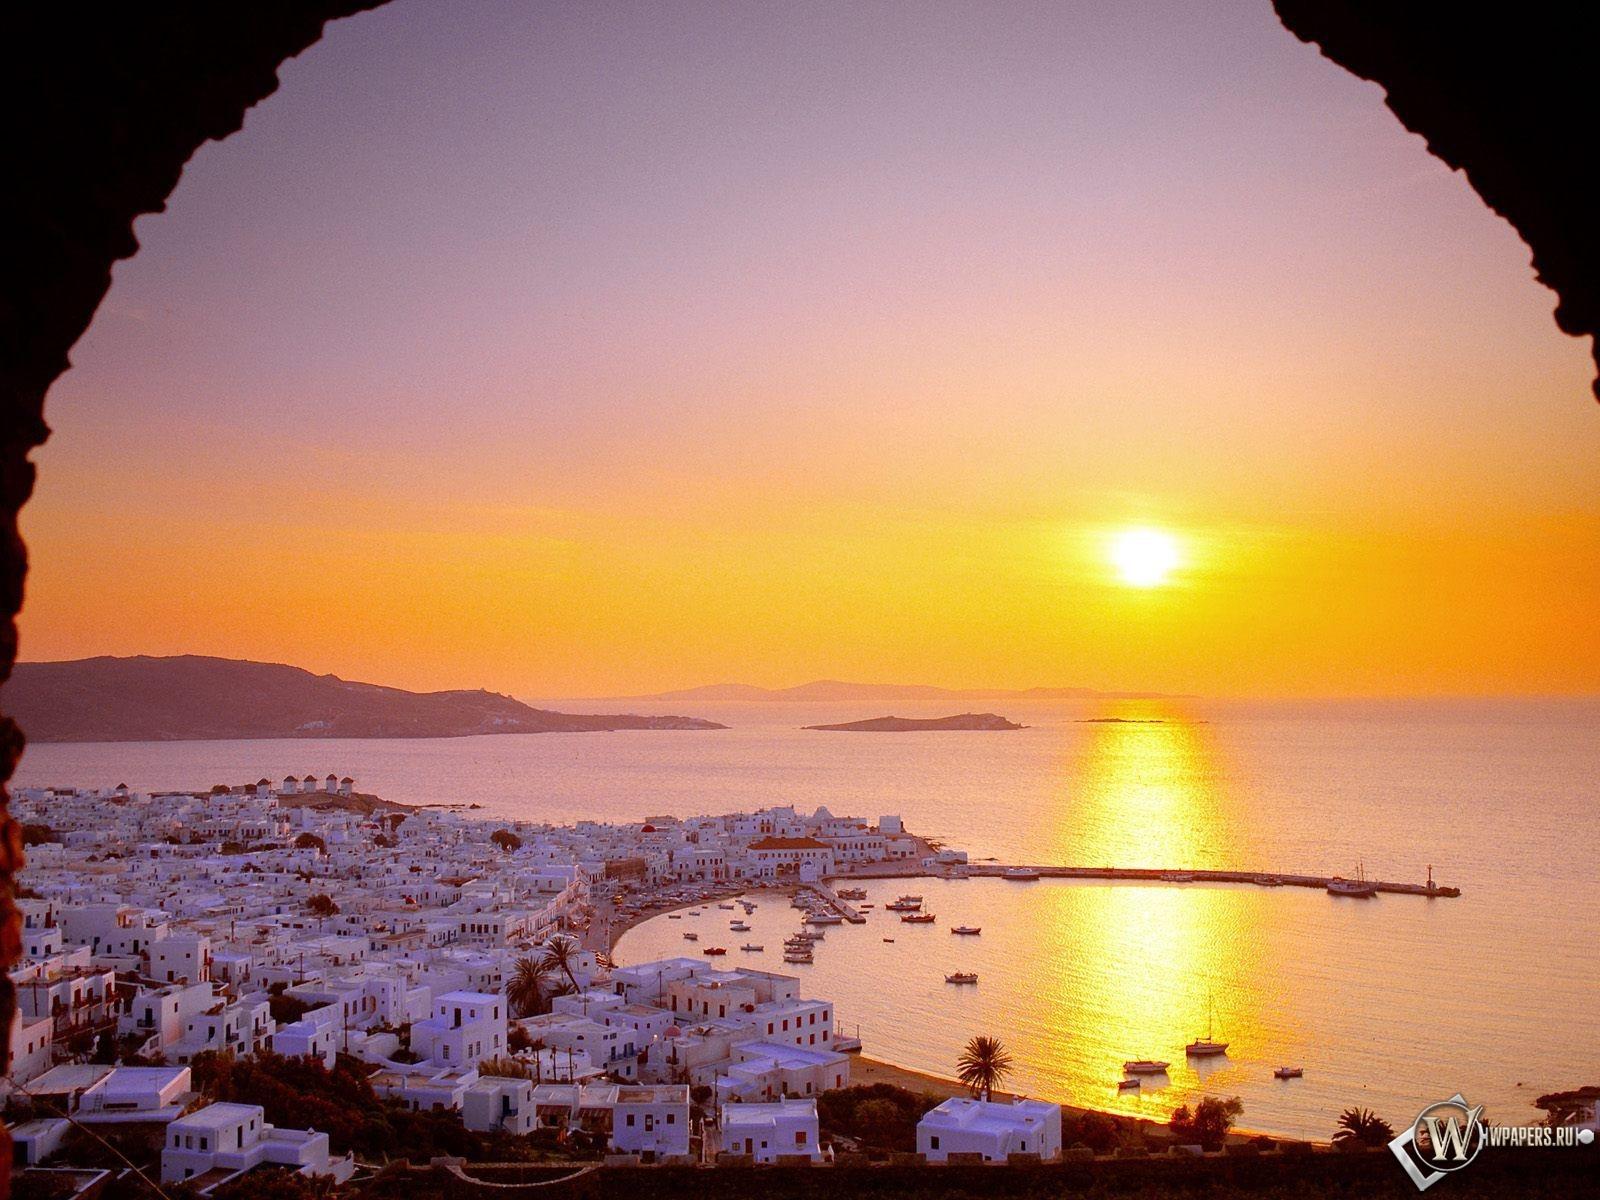 Домики в Греции 1600x1200